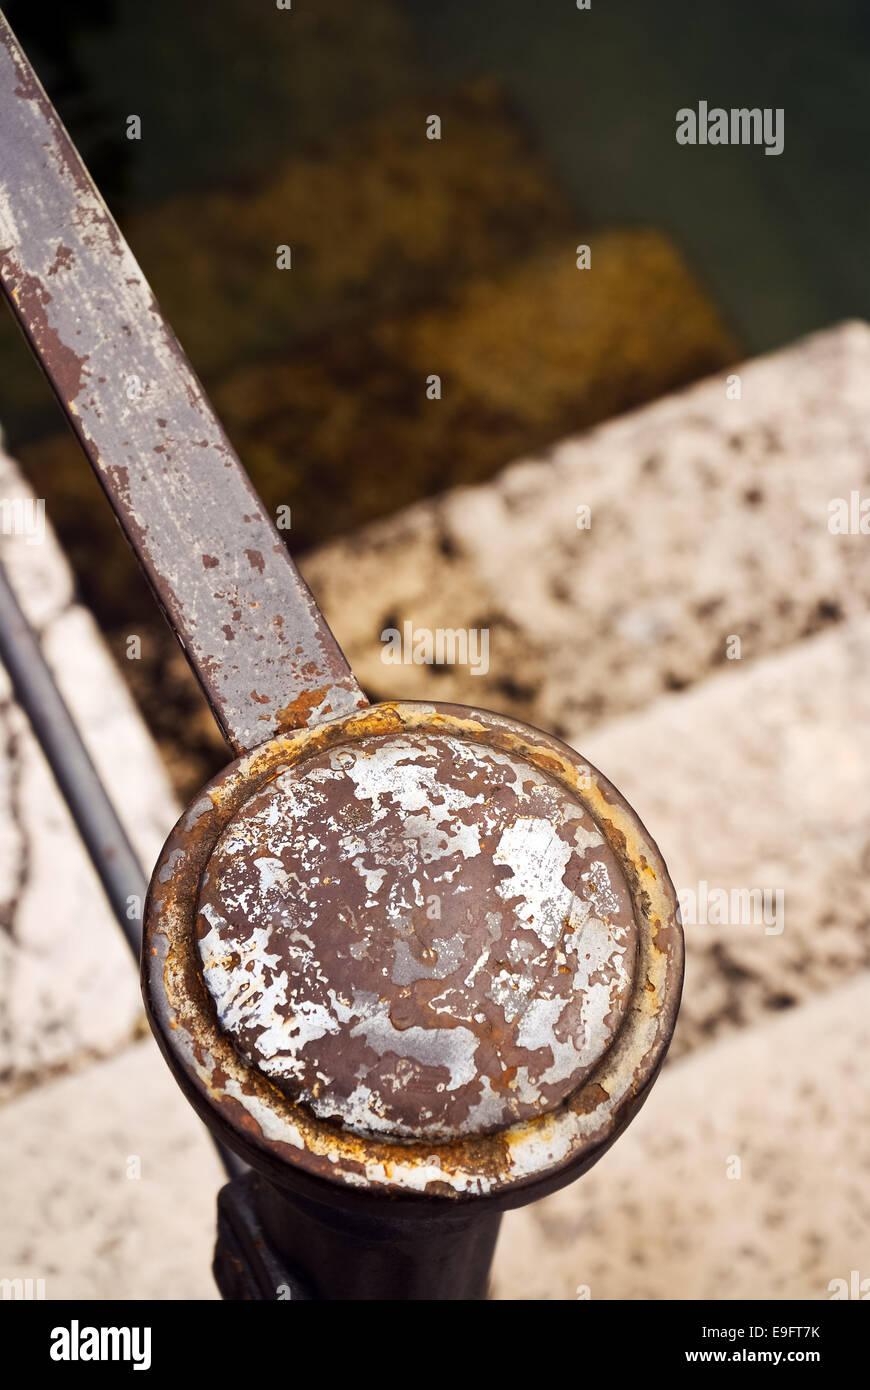 Iron railing - Stock Image